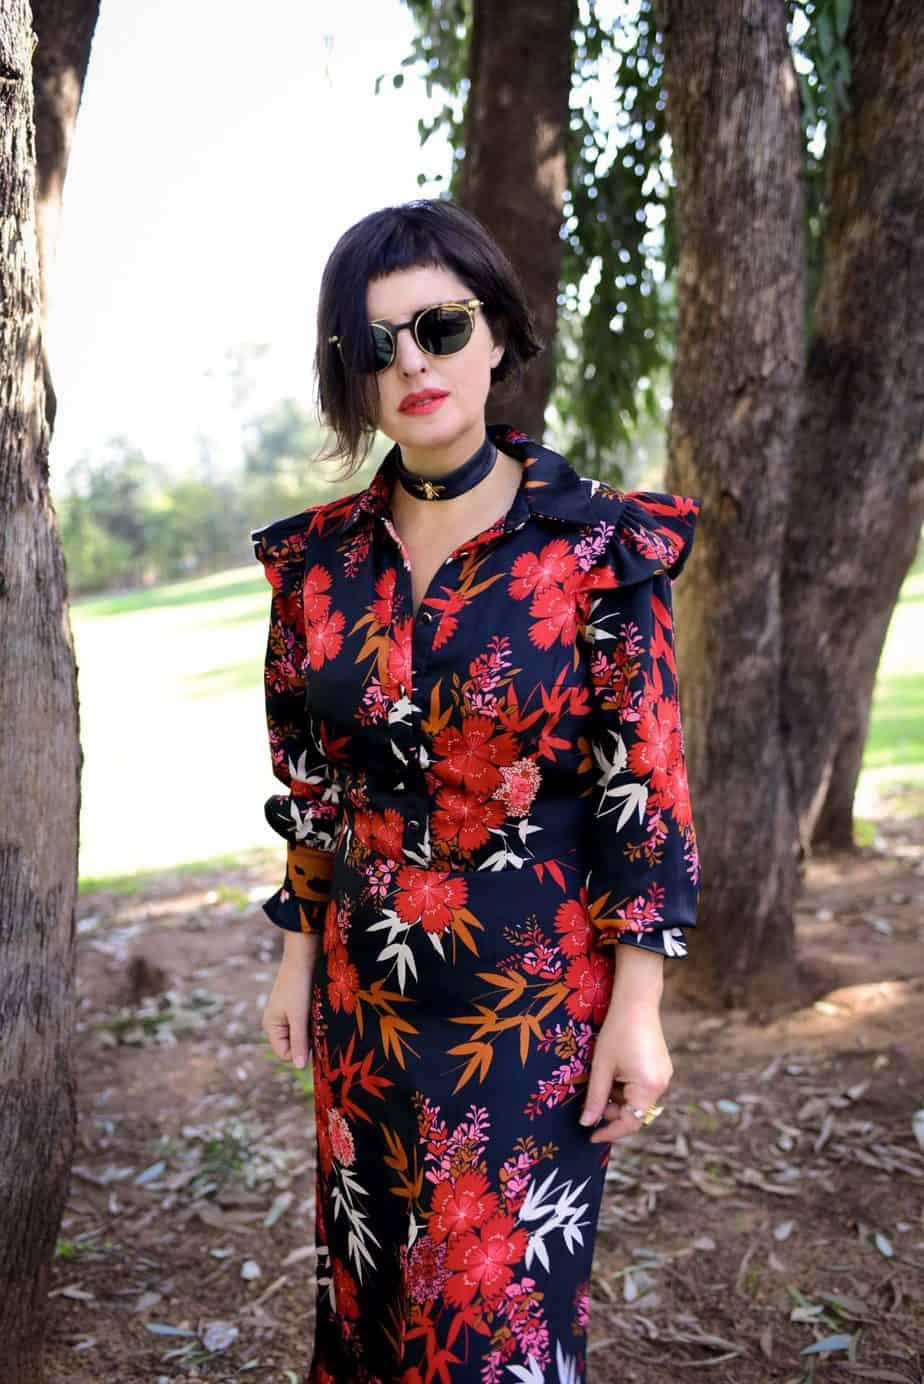 לארה רוסנובסקי, מעצבת אופנה, צילום לימור יערי - 3756